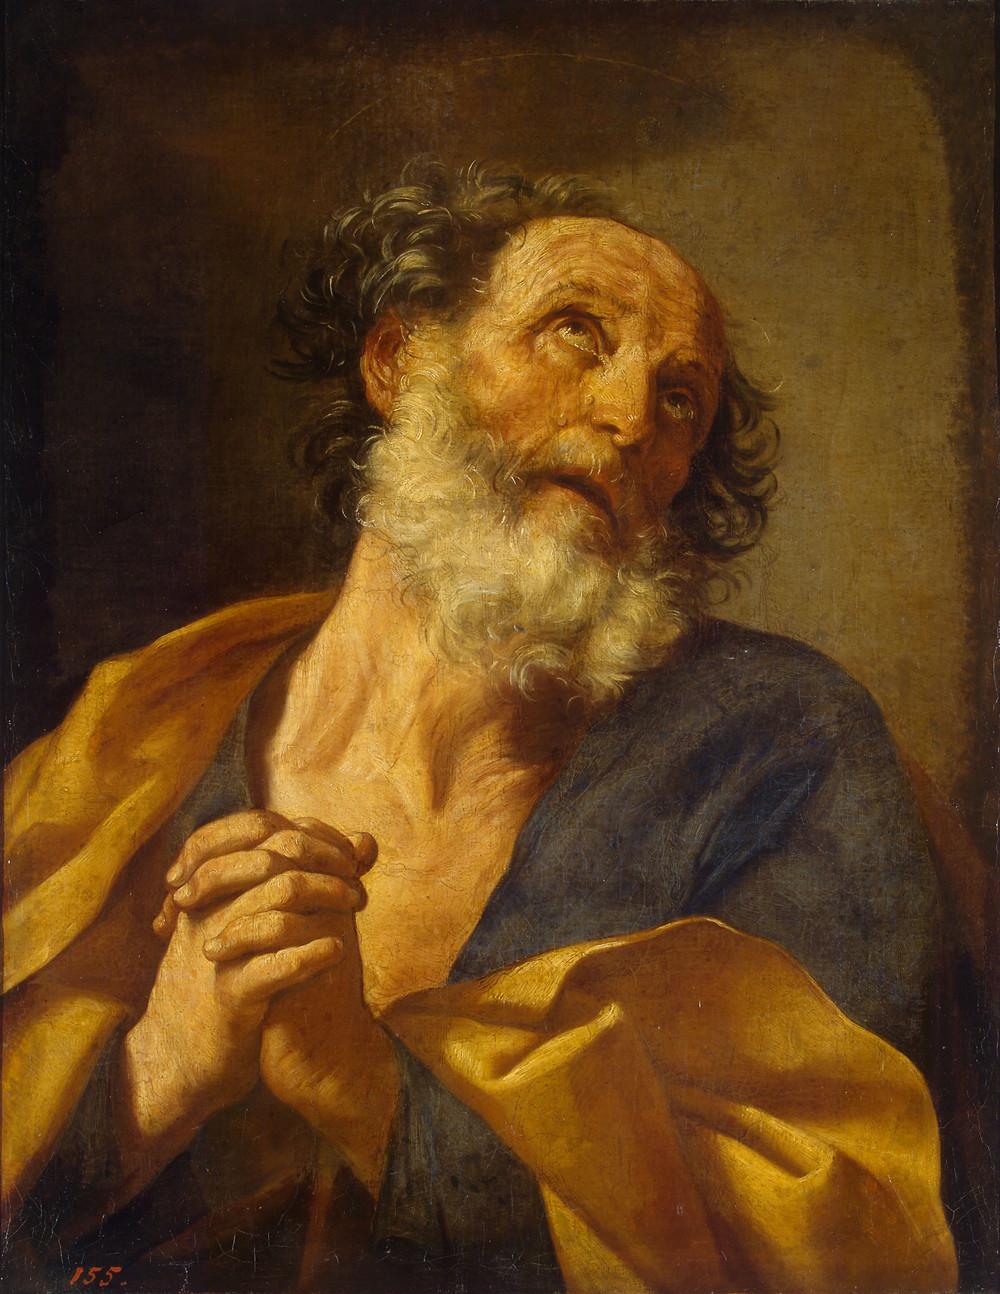 Guido Reni, Saint Pierre, Saint-Pétersbourg, musée de l'Ermitage, inv. 63